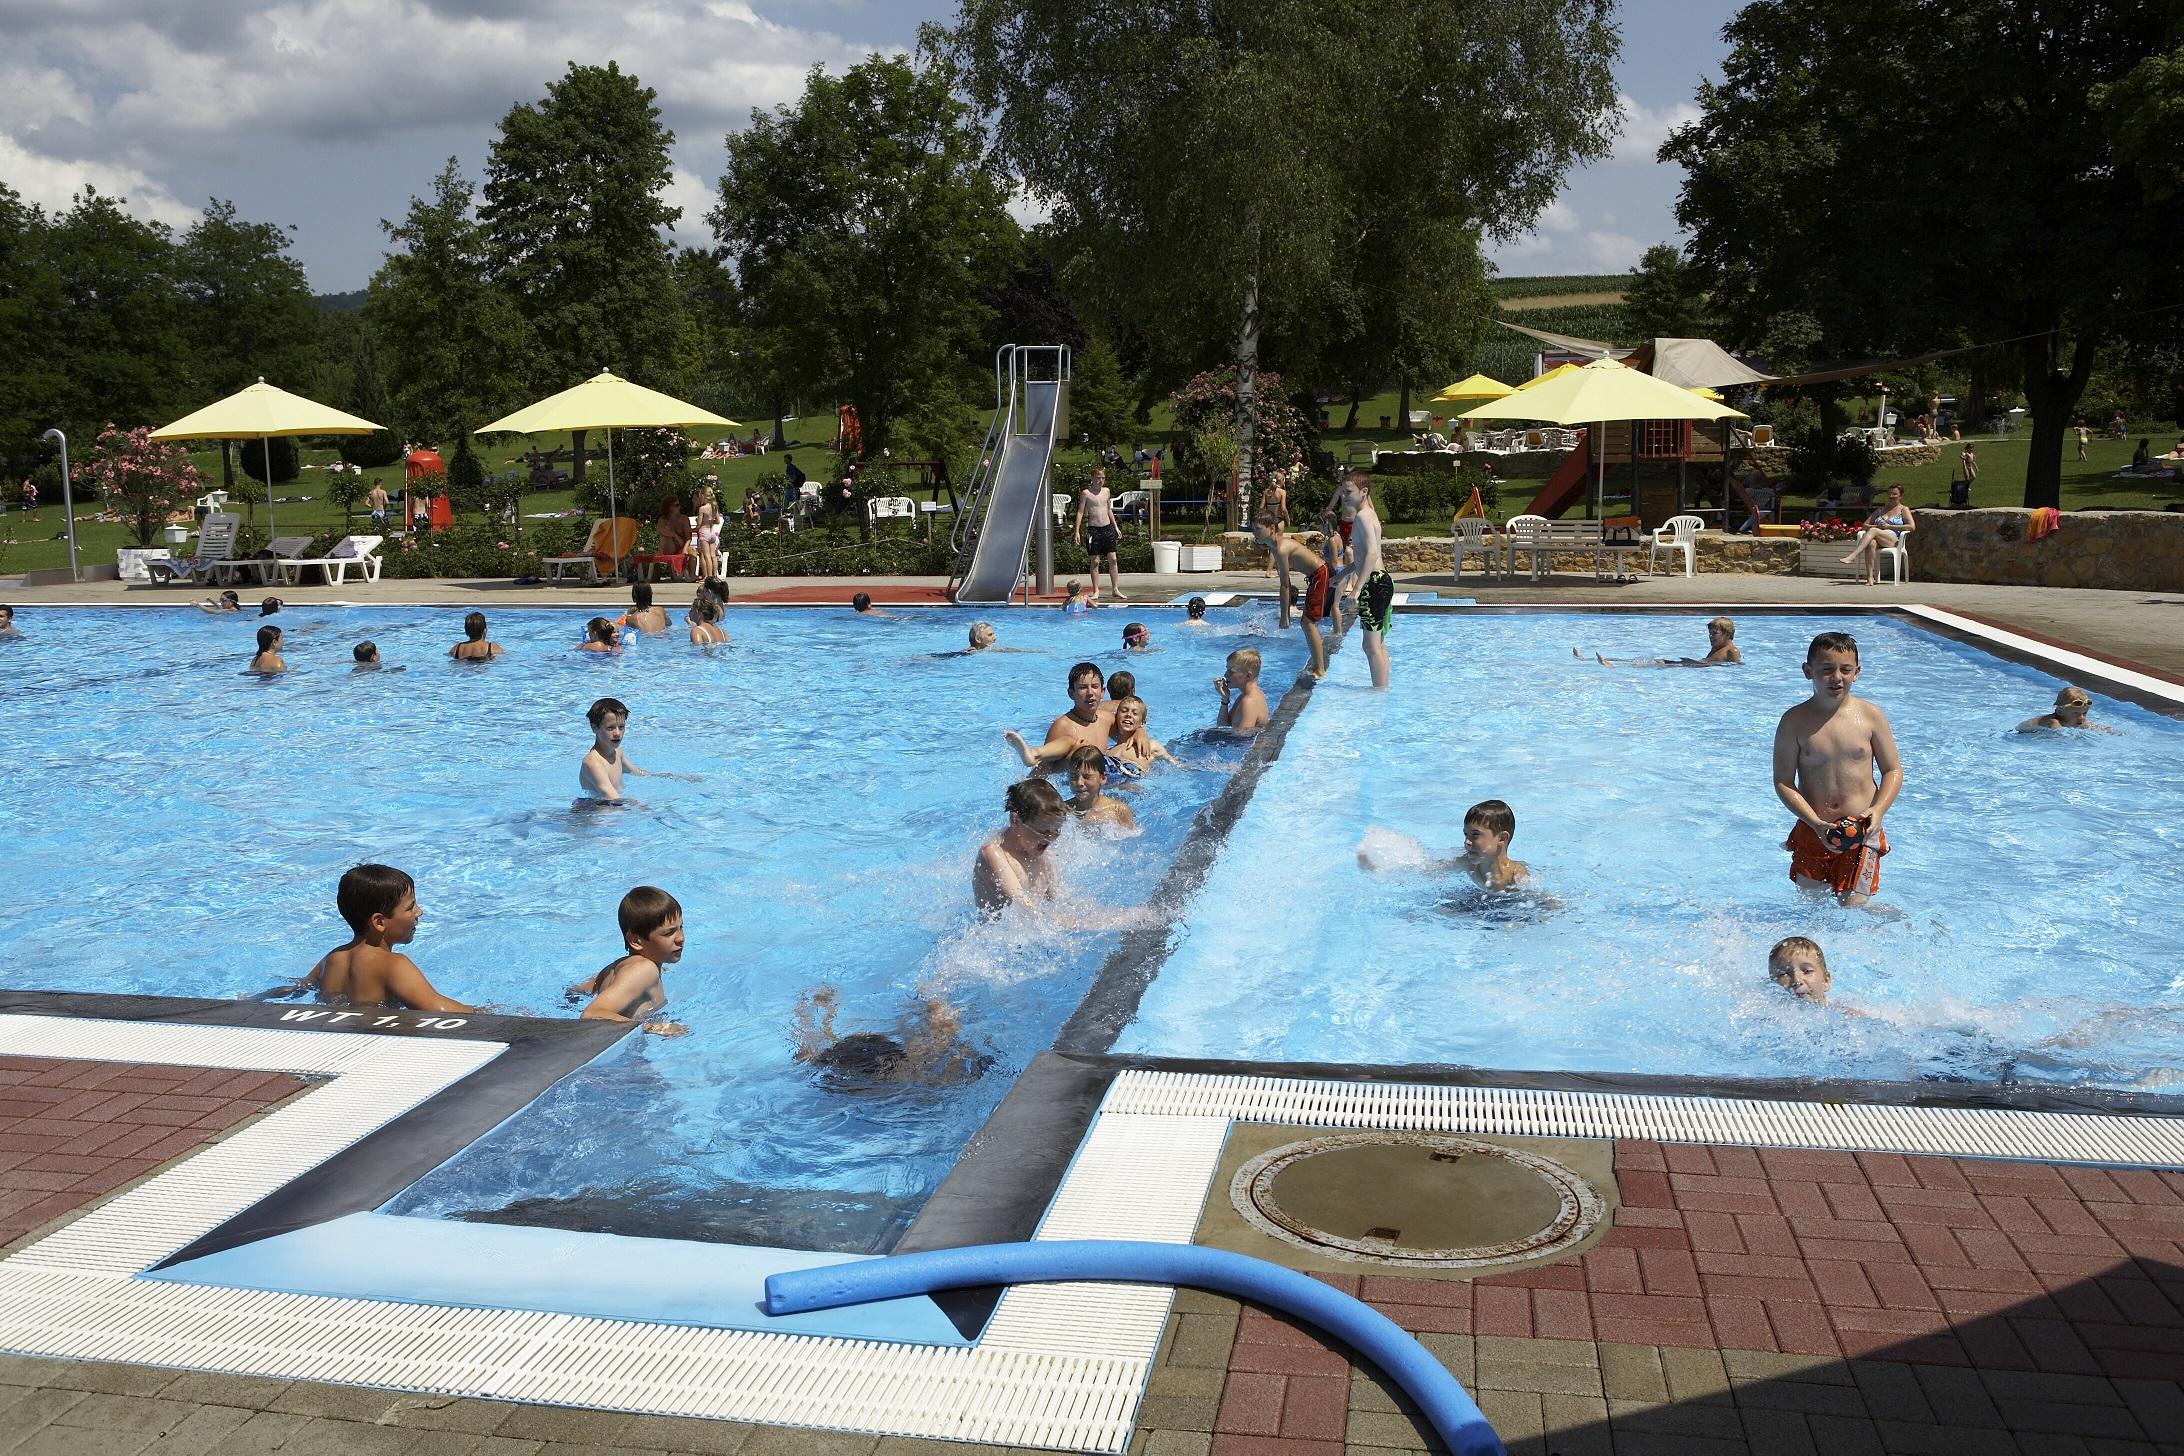 Freibad schwimmbad ettenheim unterk nfte ausflugsziele for Schwimmbad offenburg offnungszeiten